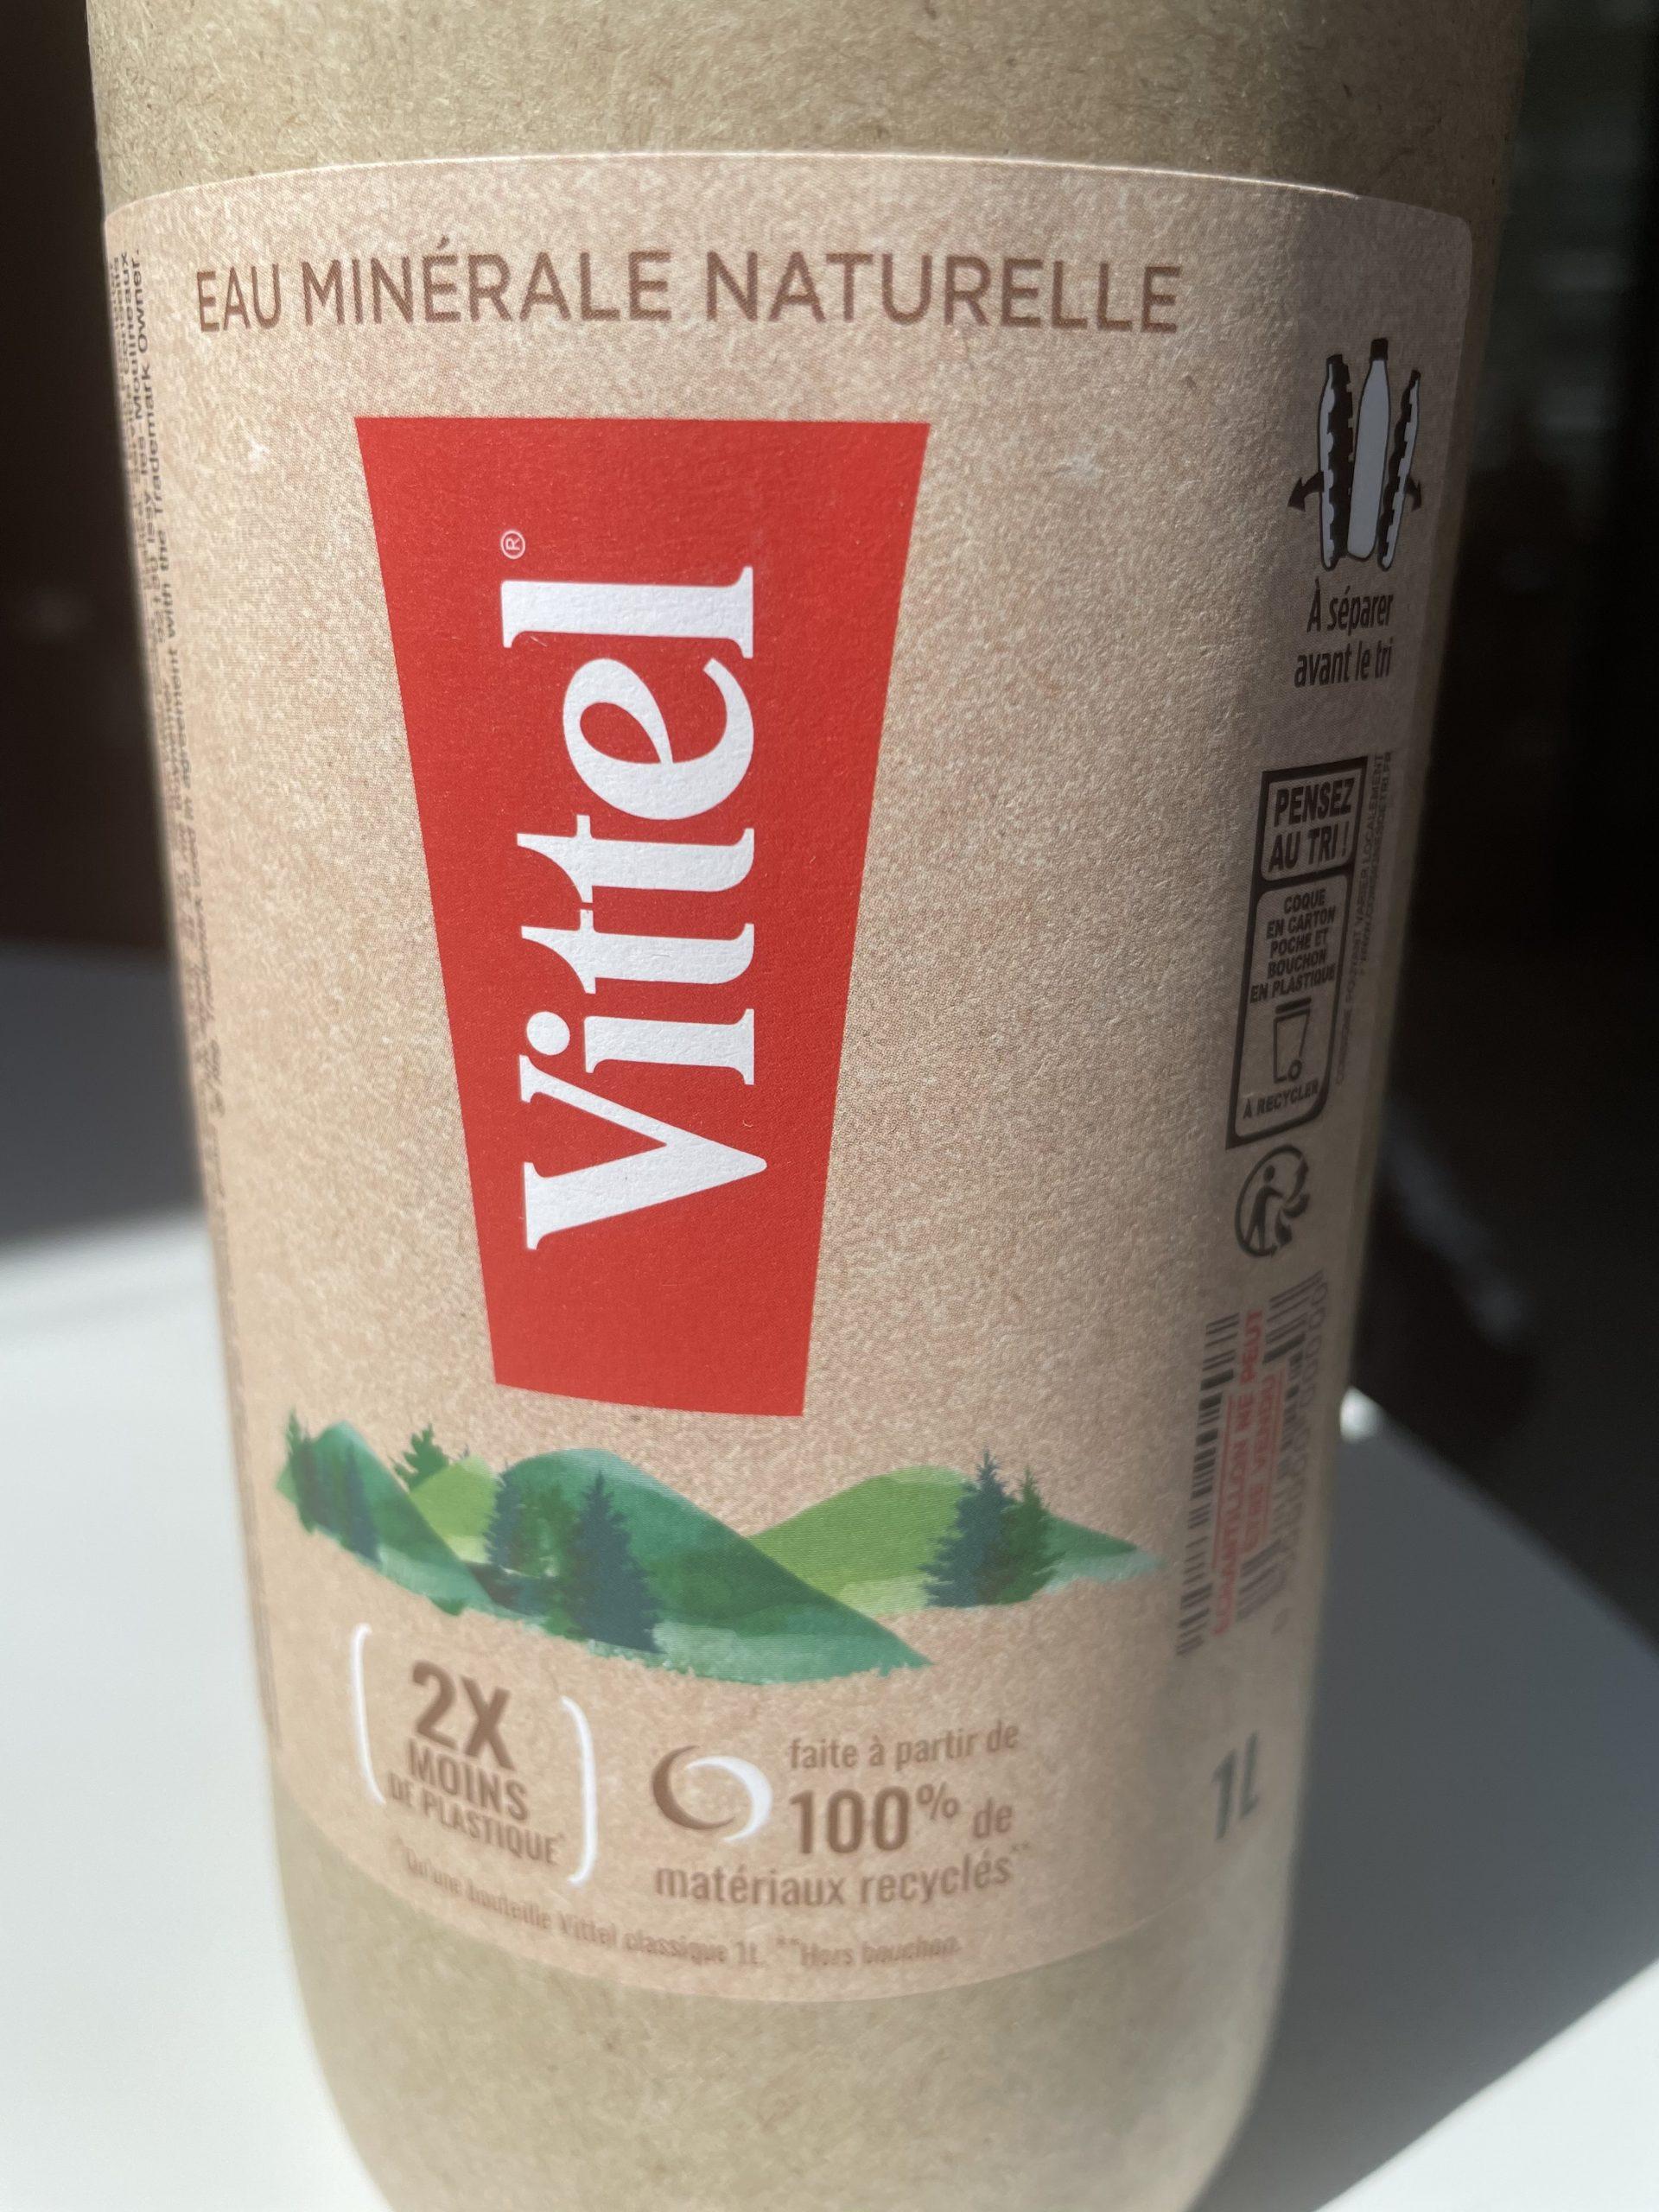 IMG 1127 scaled - Vittel lance deux nouveaux formats de bouteilles